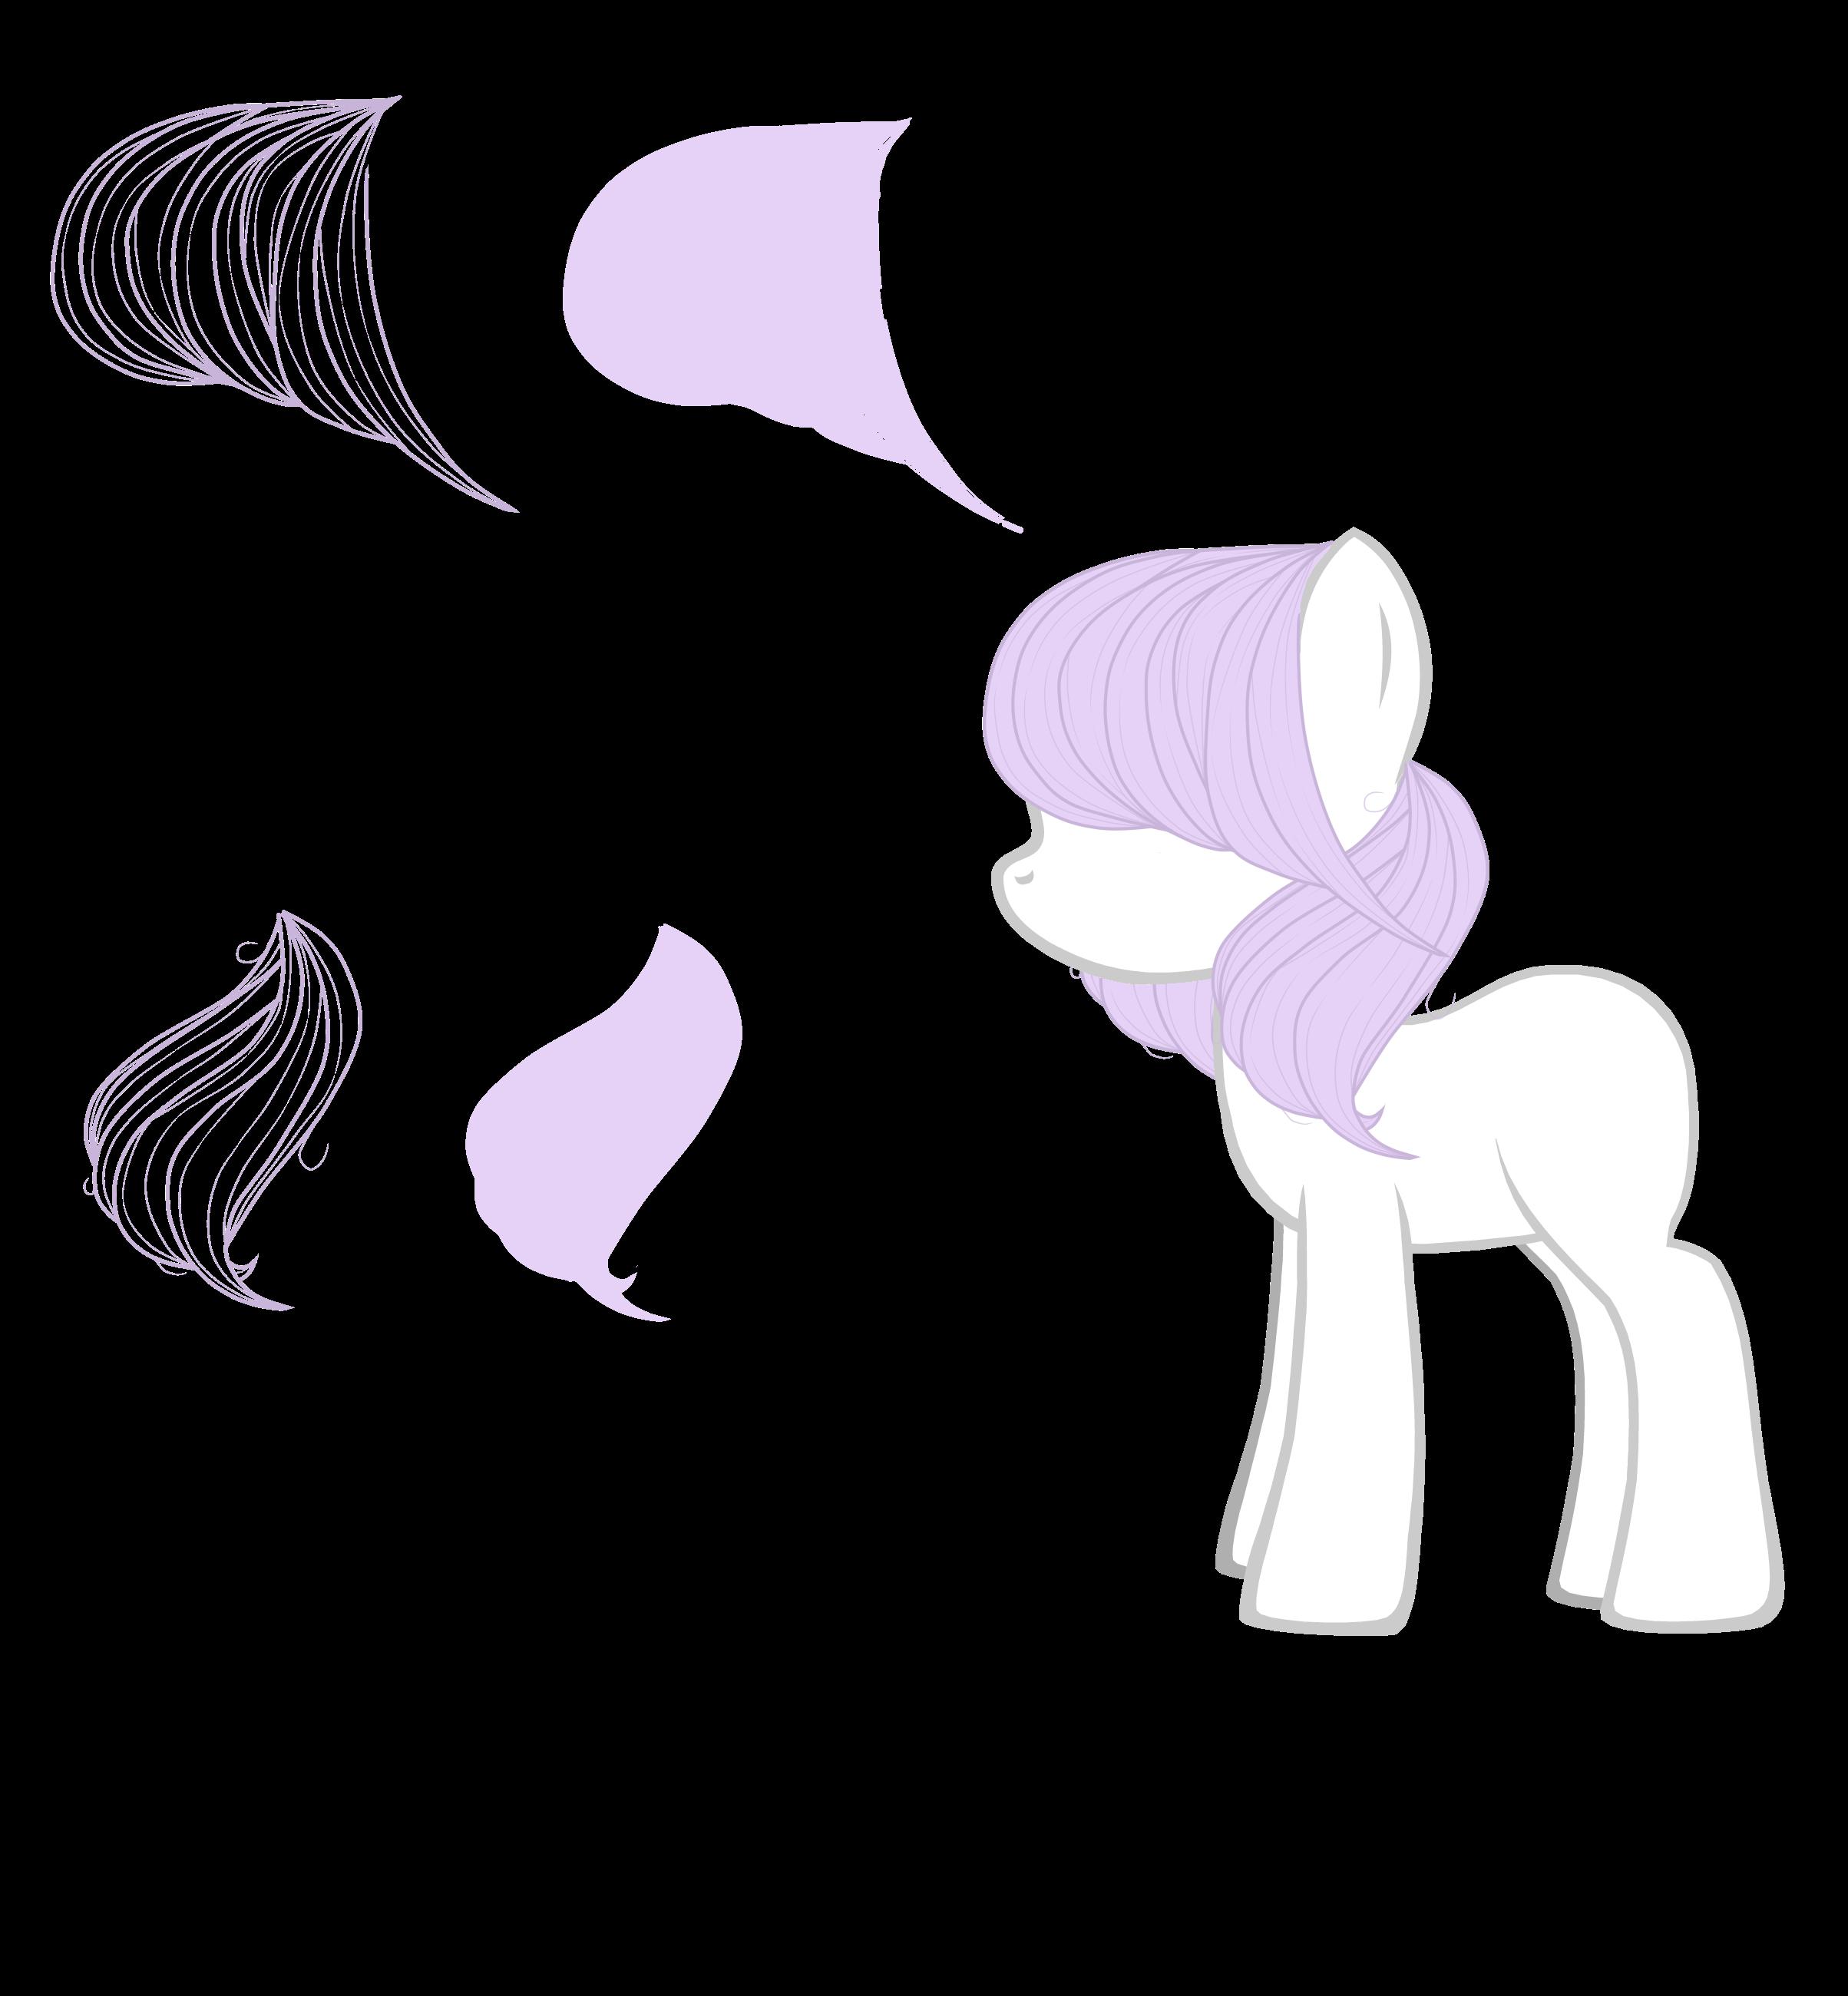 картинки пони креатор для обработки без фона делать без прически день